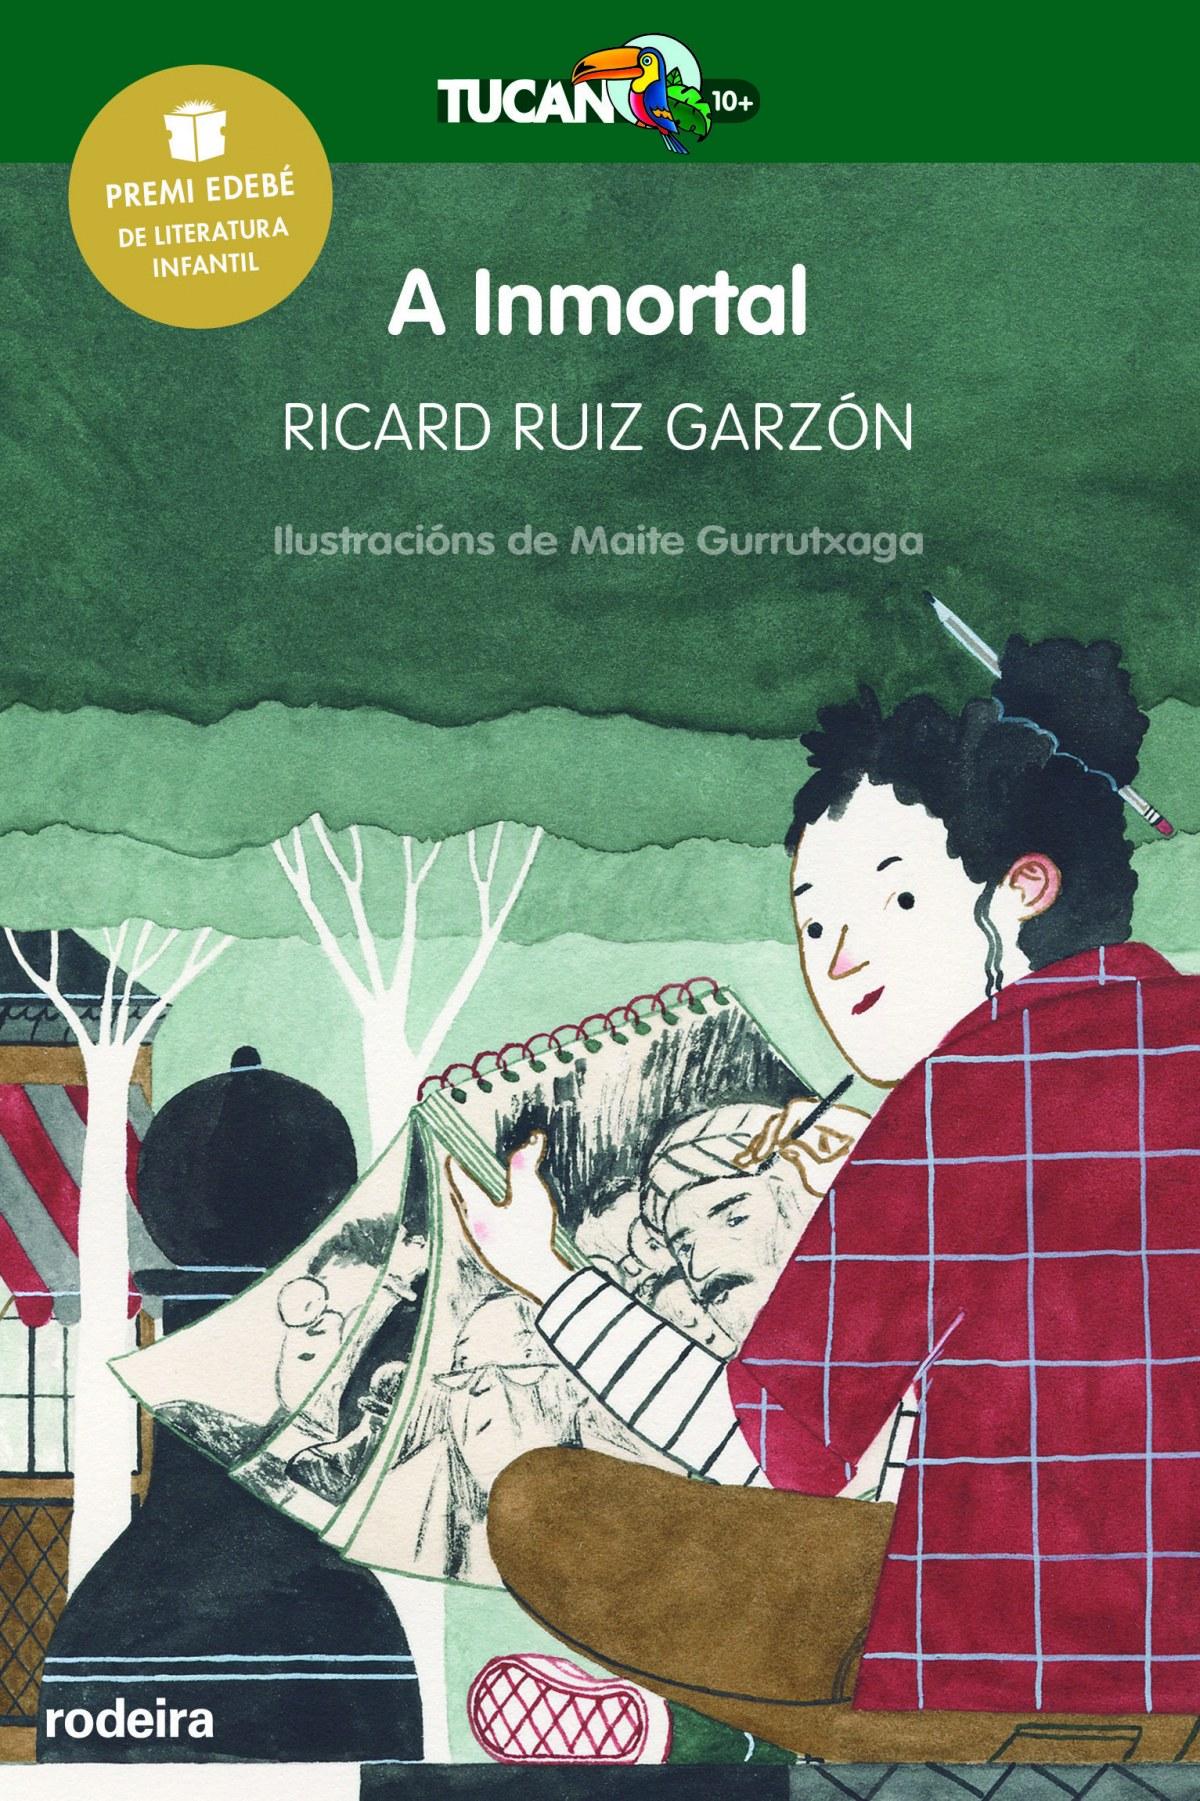 A inmortal Premio Edebé de literatura infantil 2017 - Ruiz Garzón, Ricard